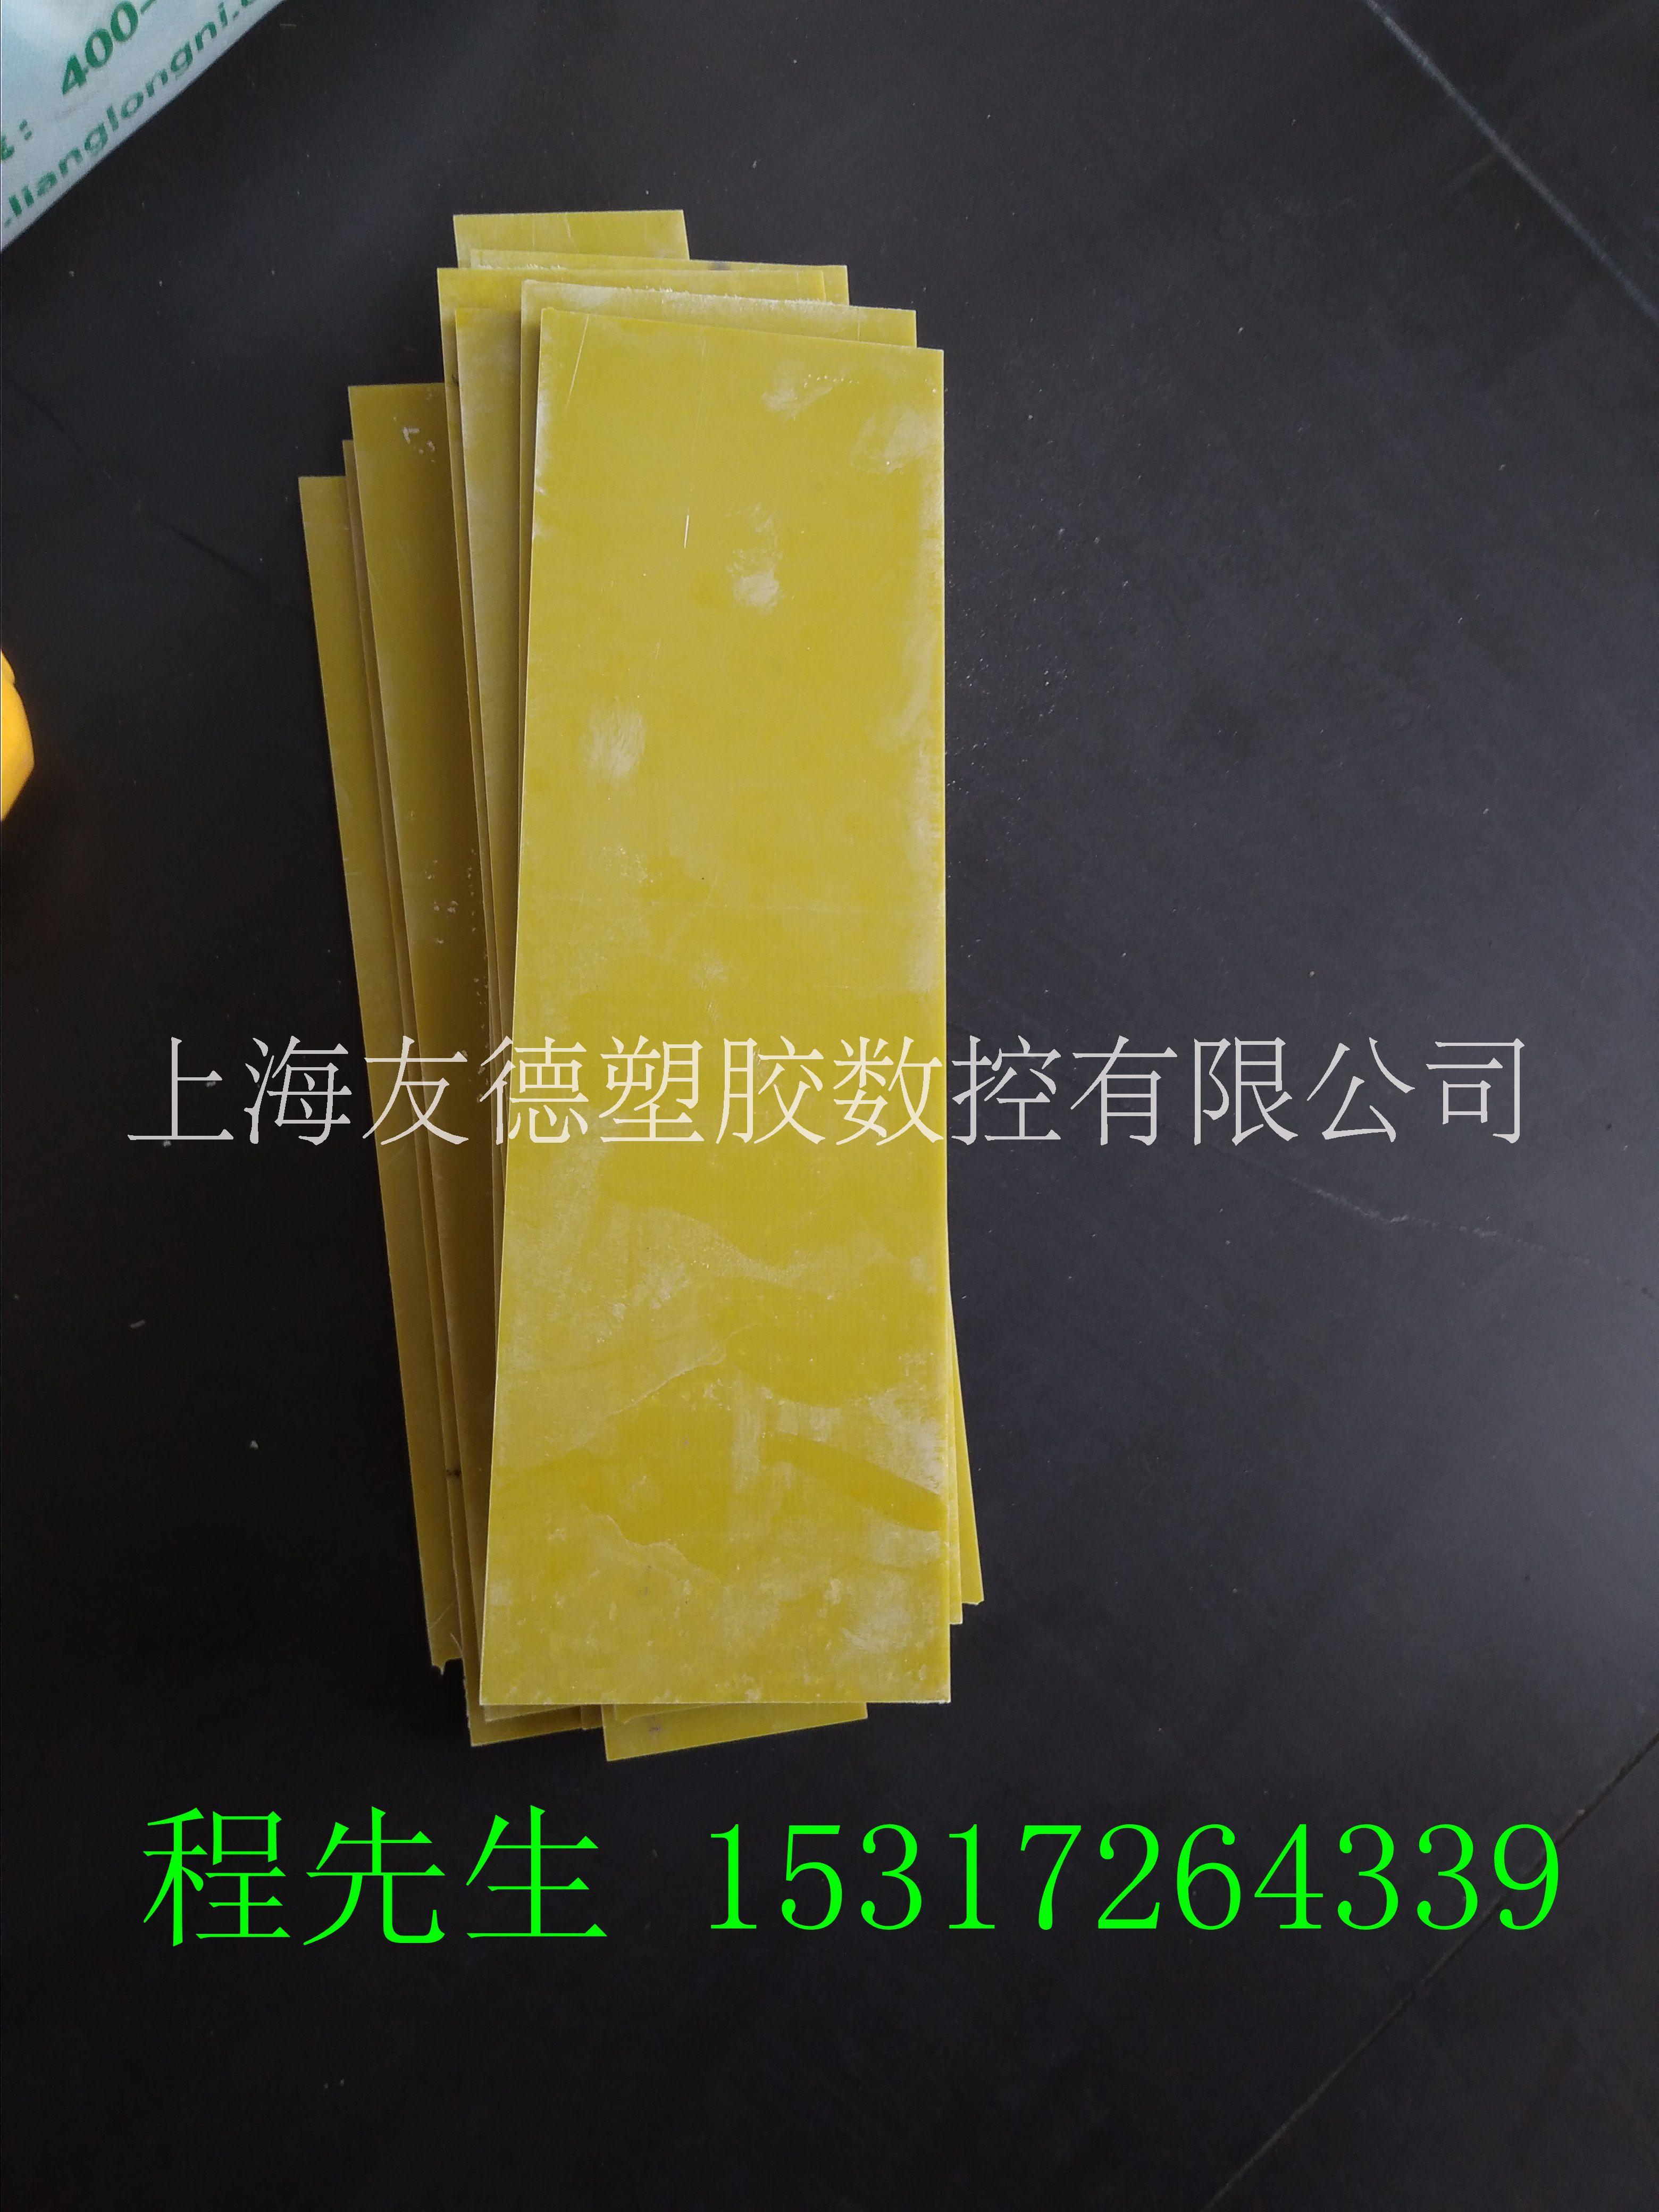 上海环氧板加工@上海环氧板切割@上海环氧板雕刻加工